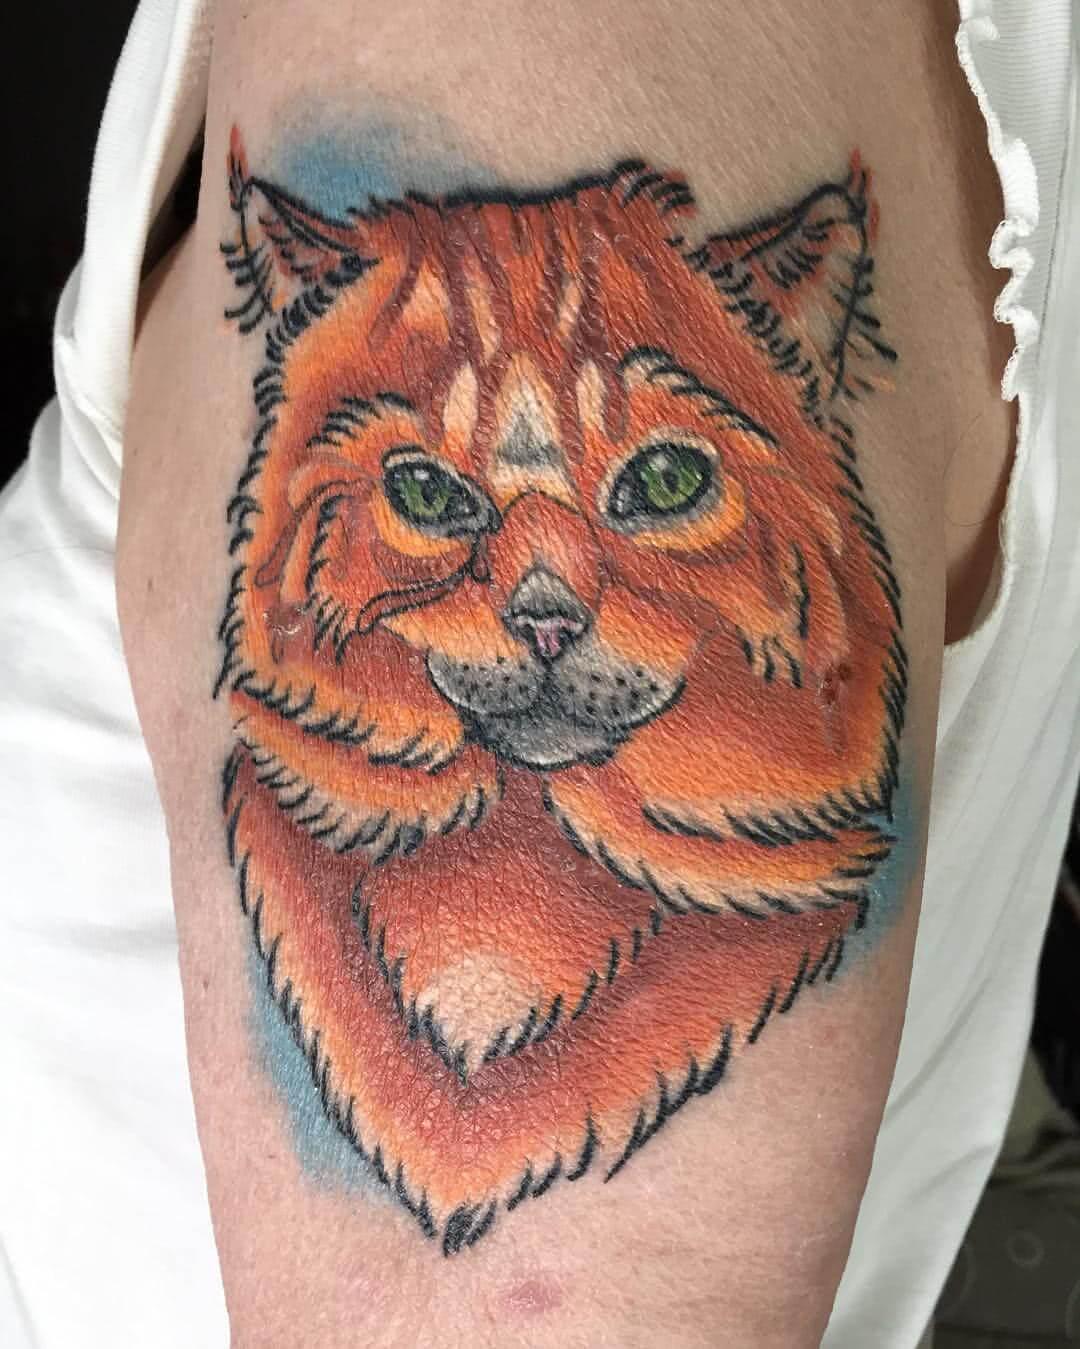 Katze auf dem Oberarm